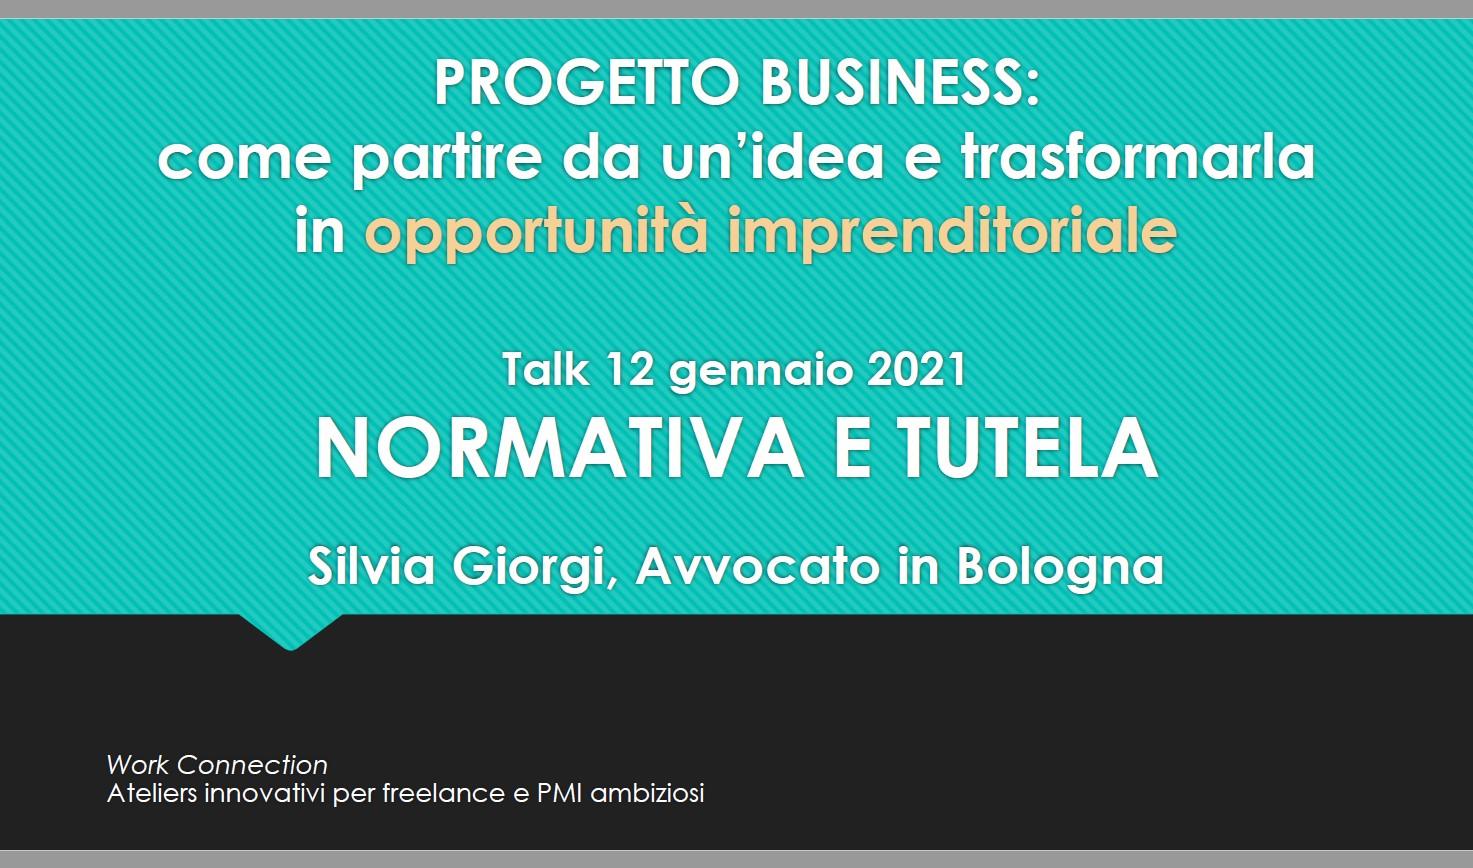 normativa e tutela progetto business